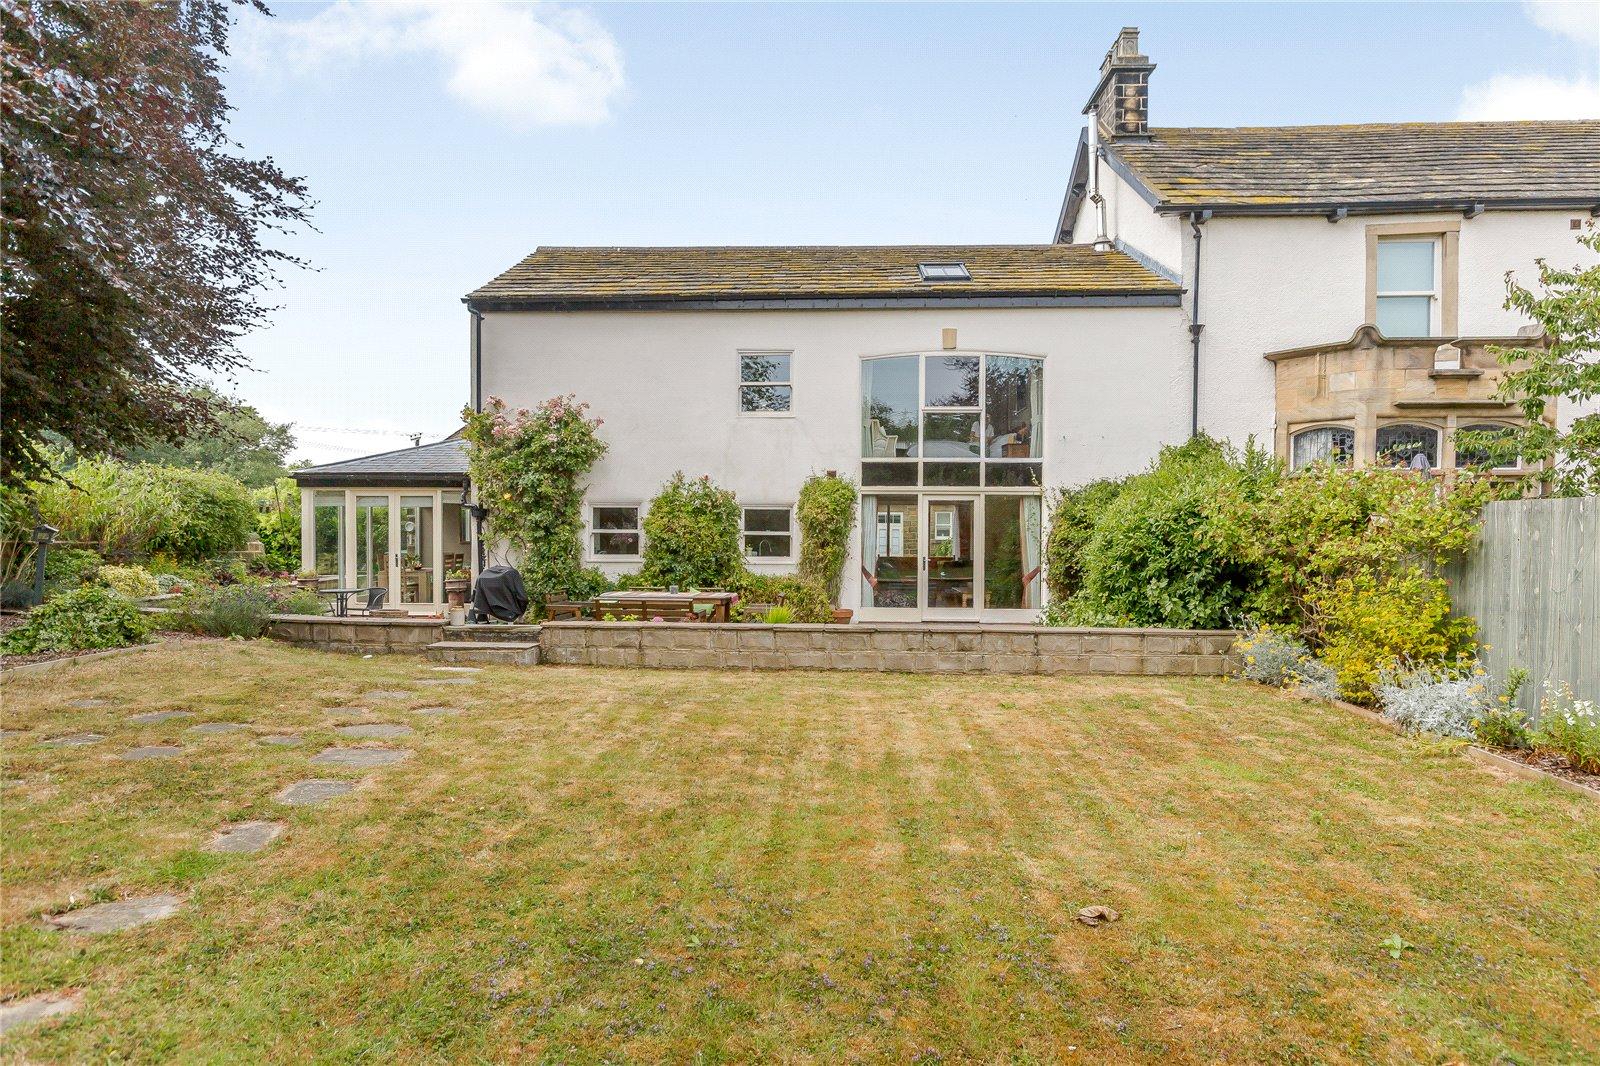 Property for sale in Harrogate